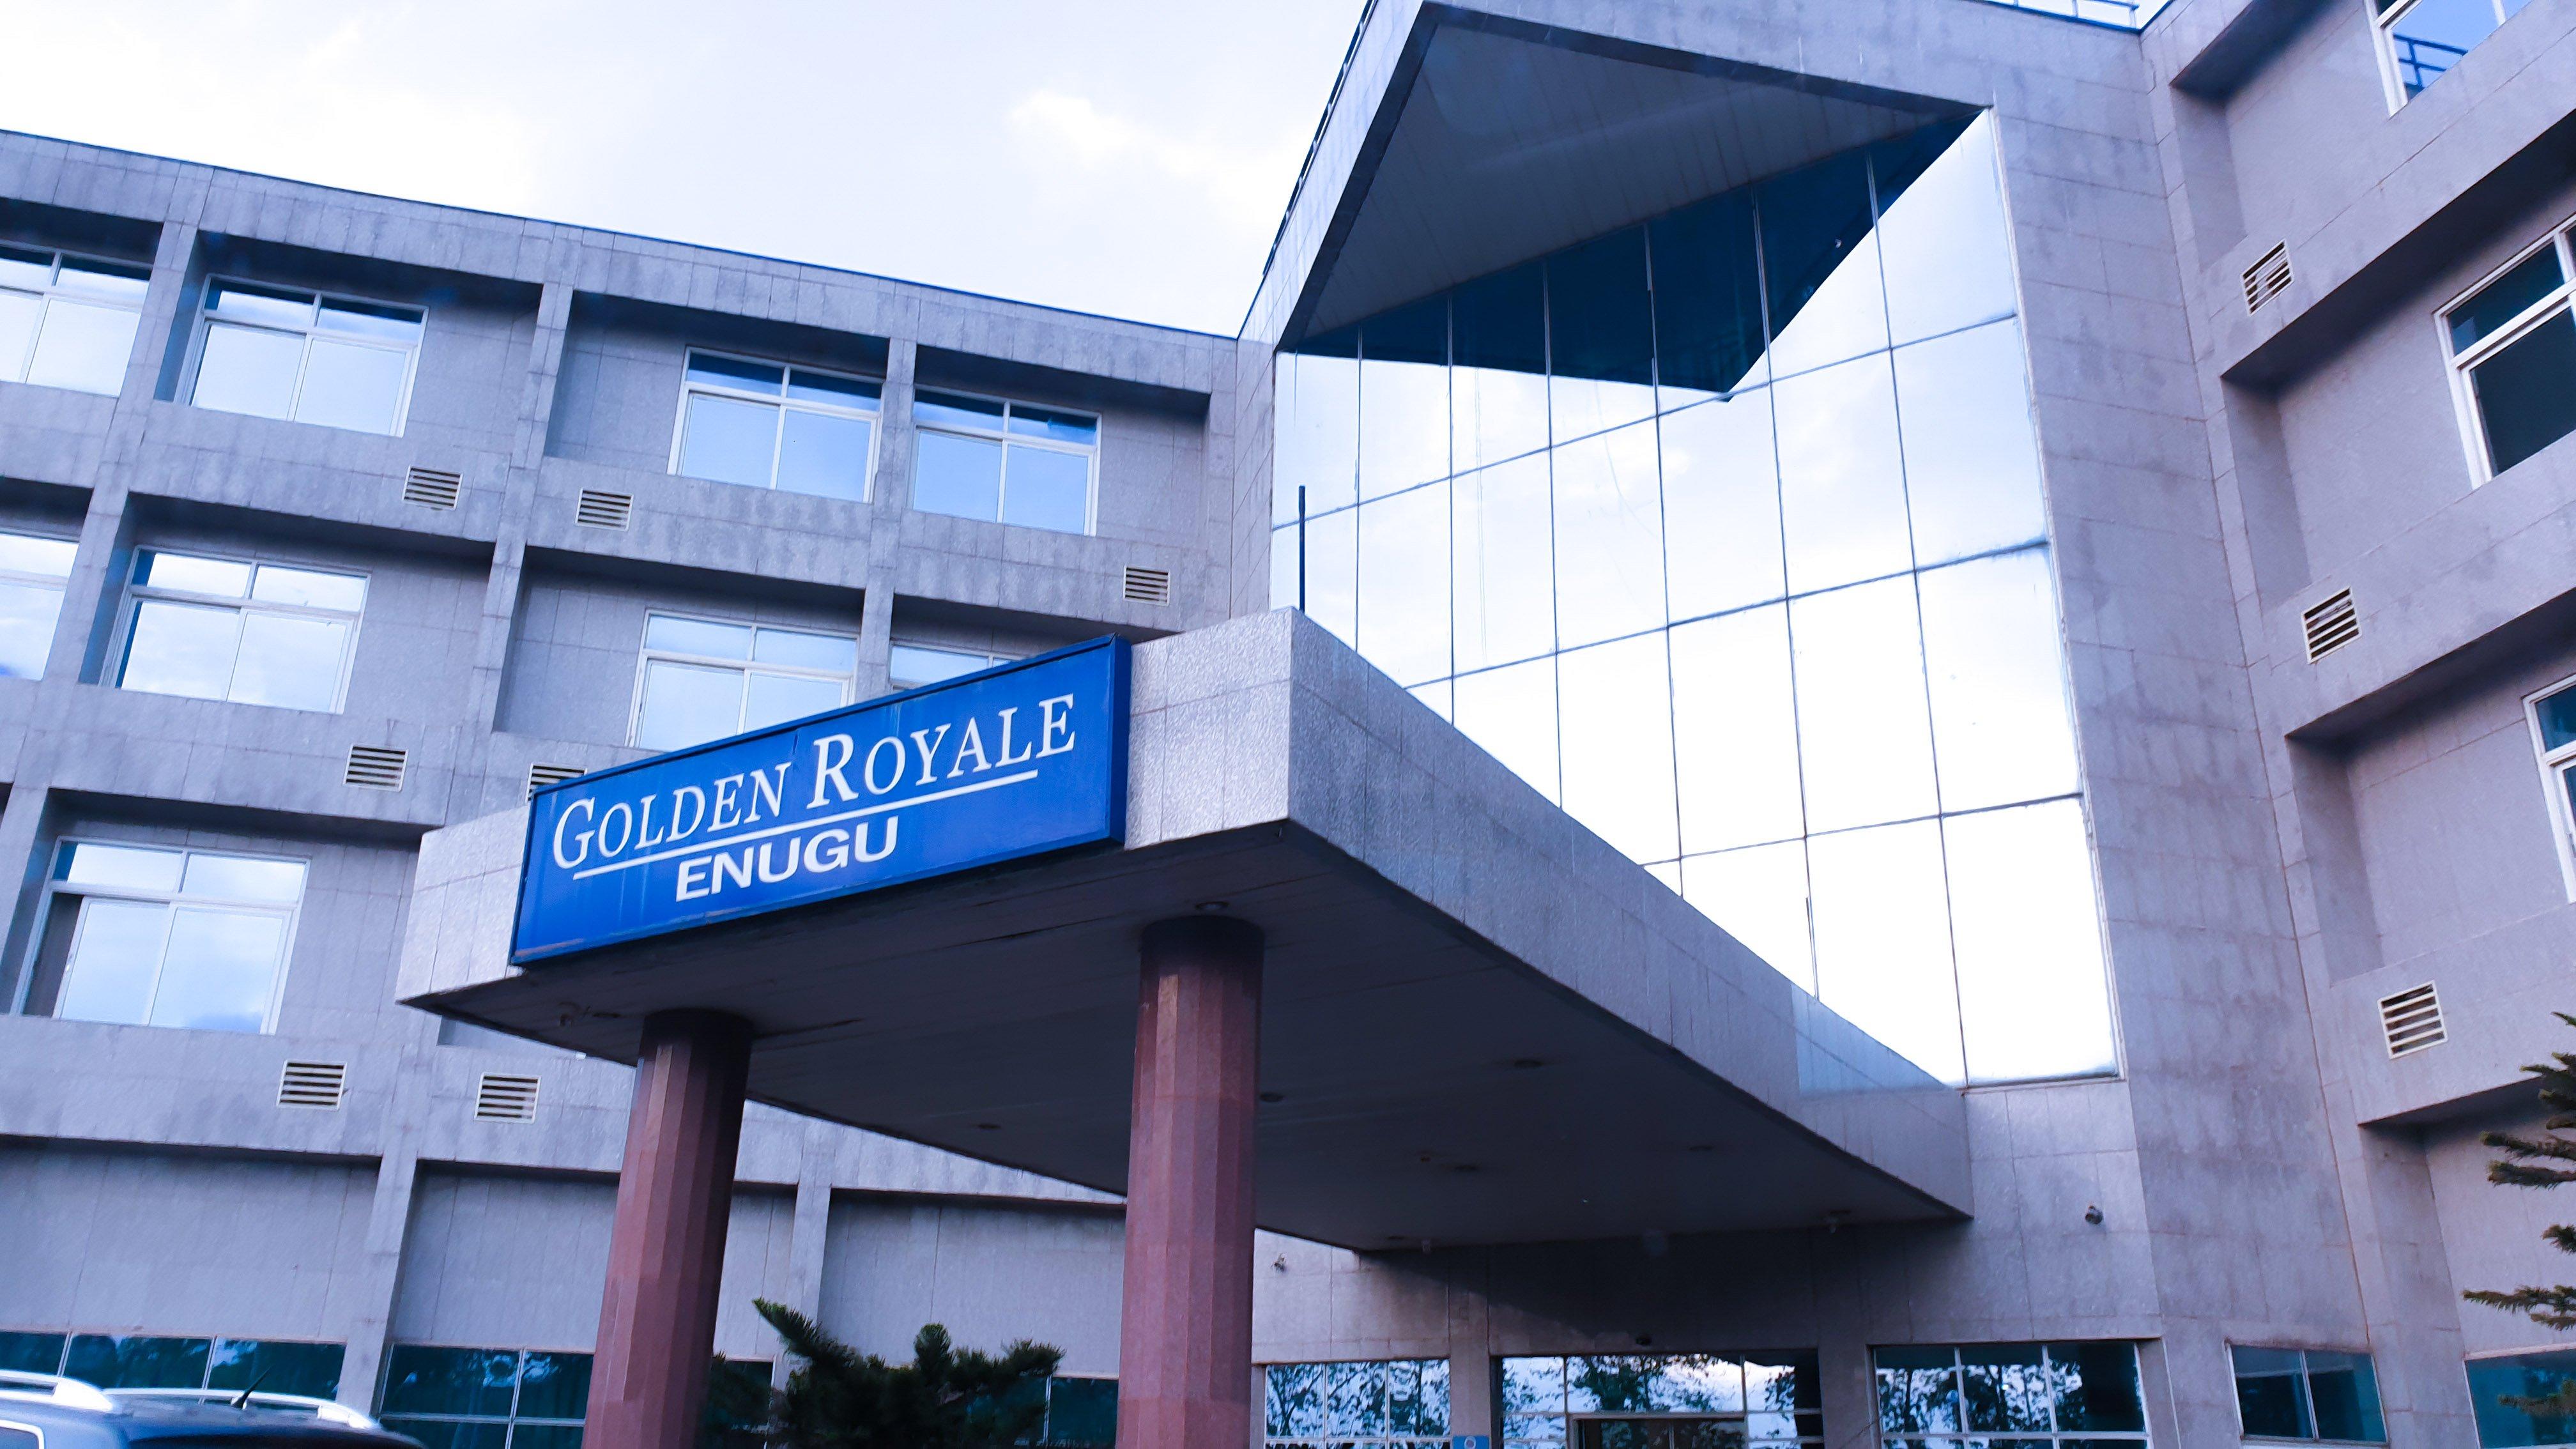 Golden Royale Hotel, Enugu